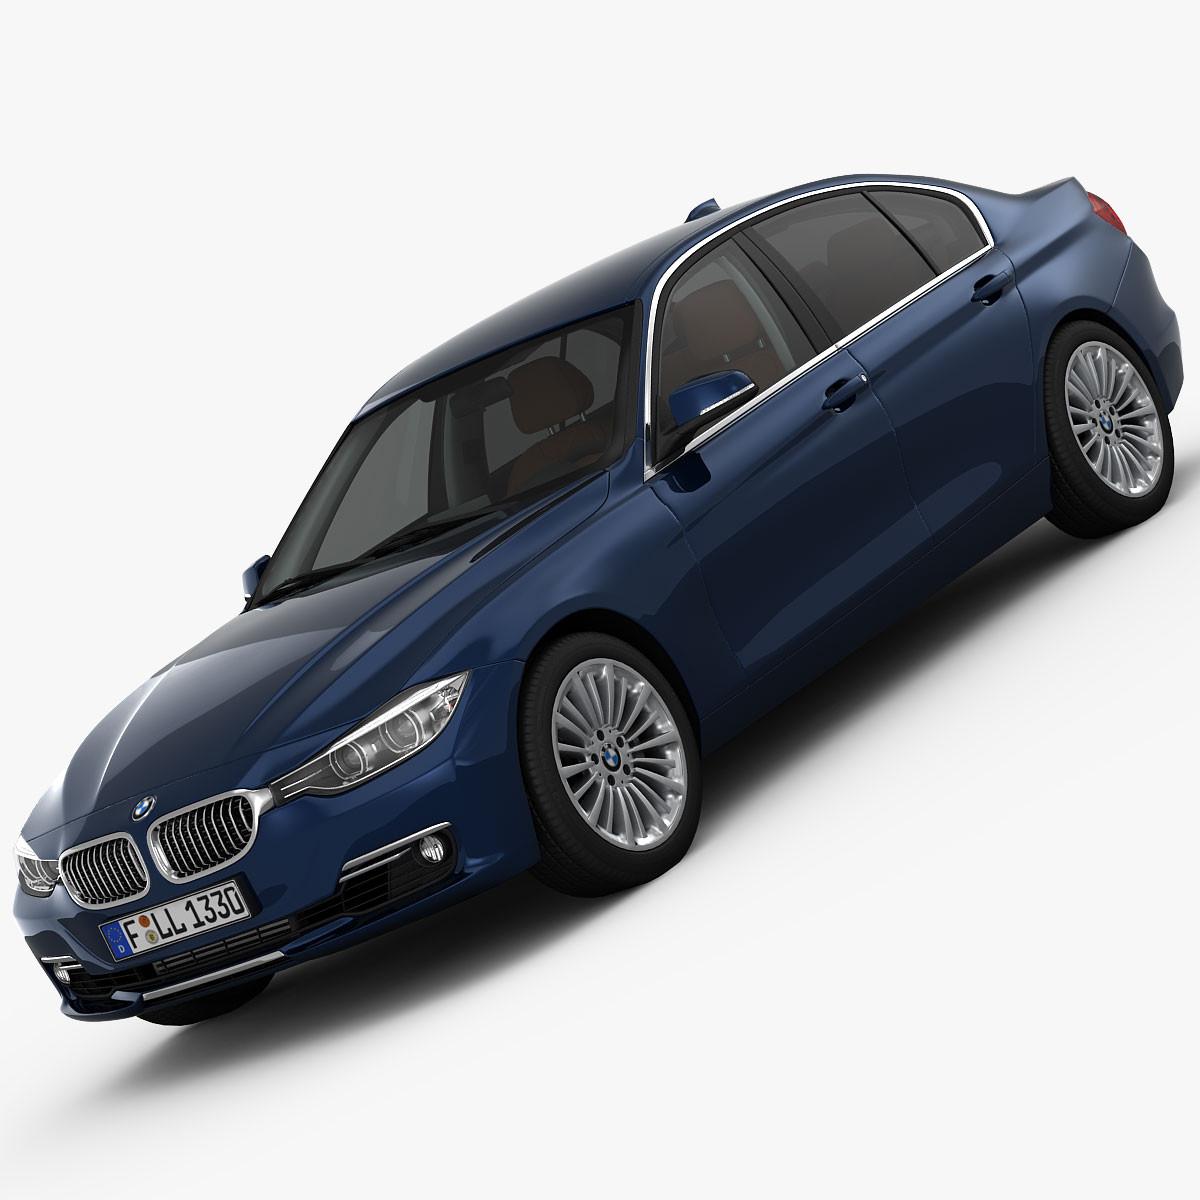 BMW-F30-LuxuryLine-1.jpg